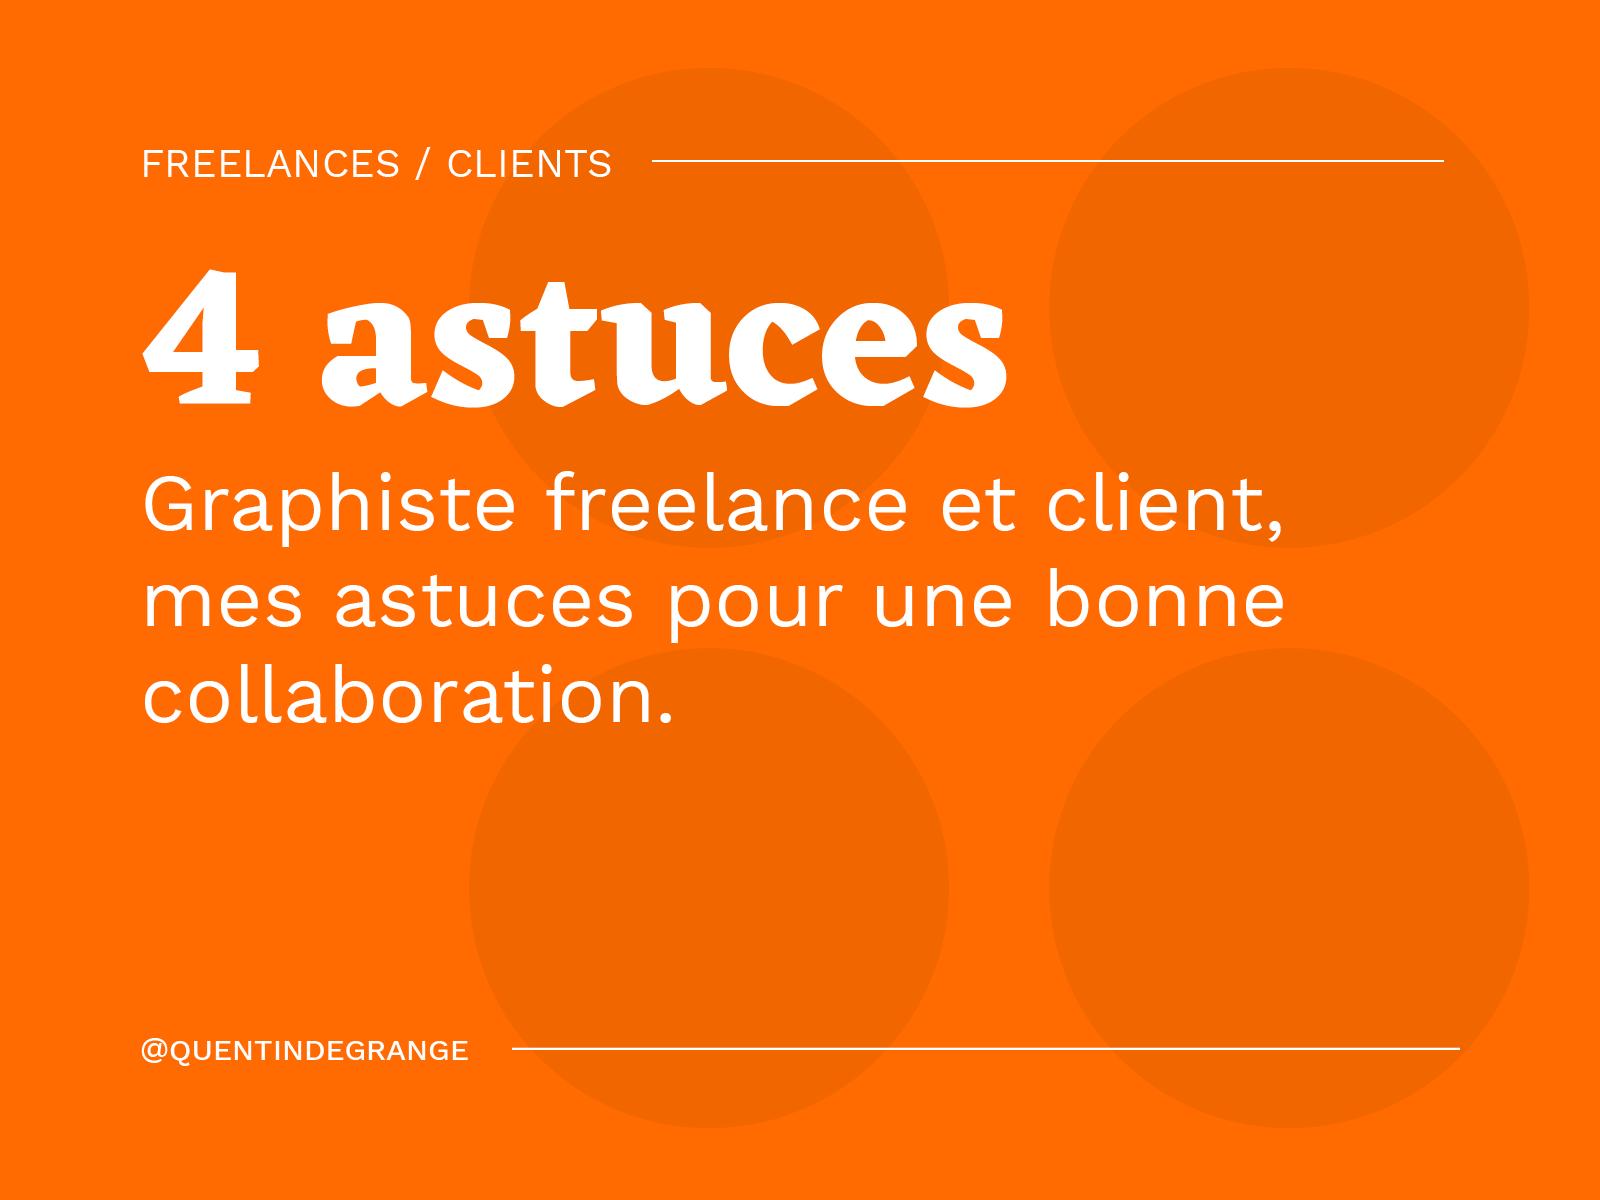 Graphiste freelance et client, mes astuces pour une bonne collaboration.